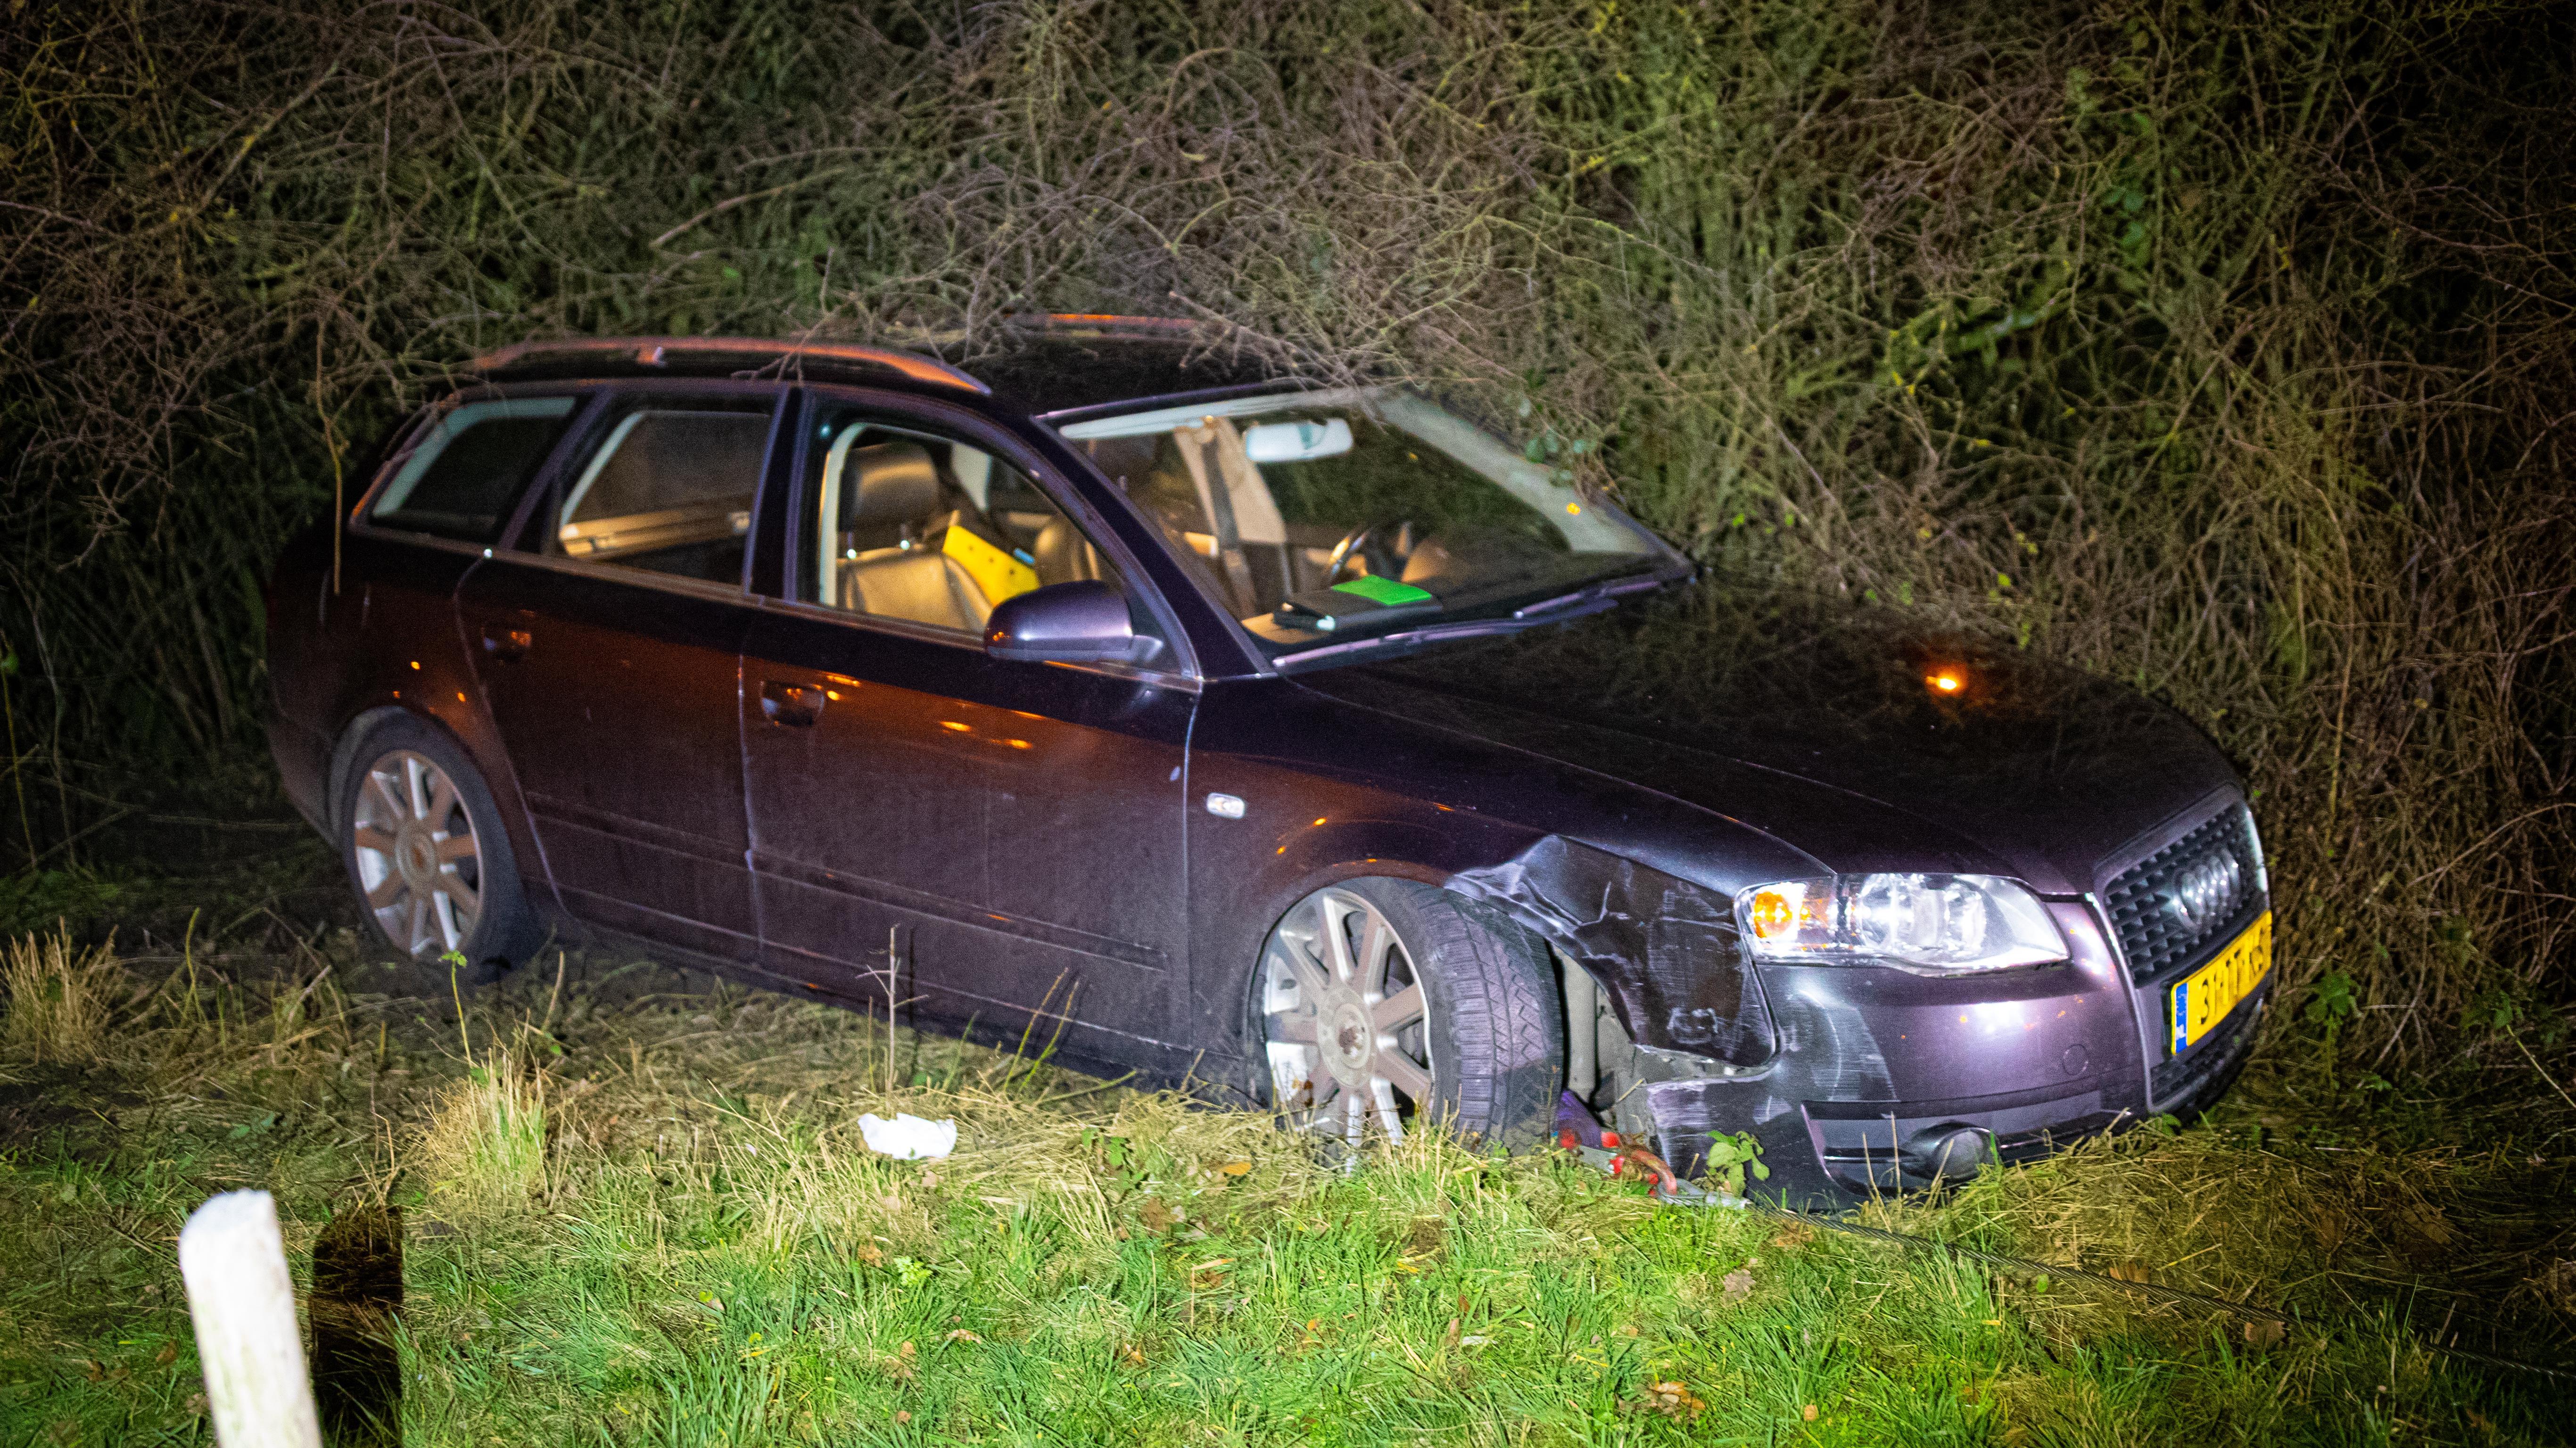 Politie houdt automobilist aan na ongeval op A28/N50, mogelijk onder invloed van alcohol.